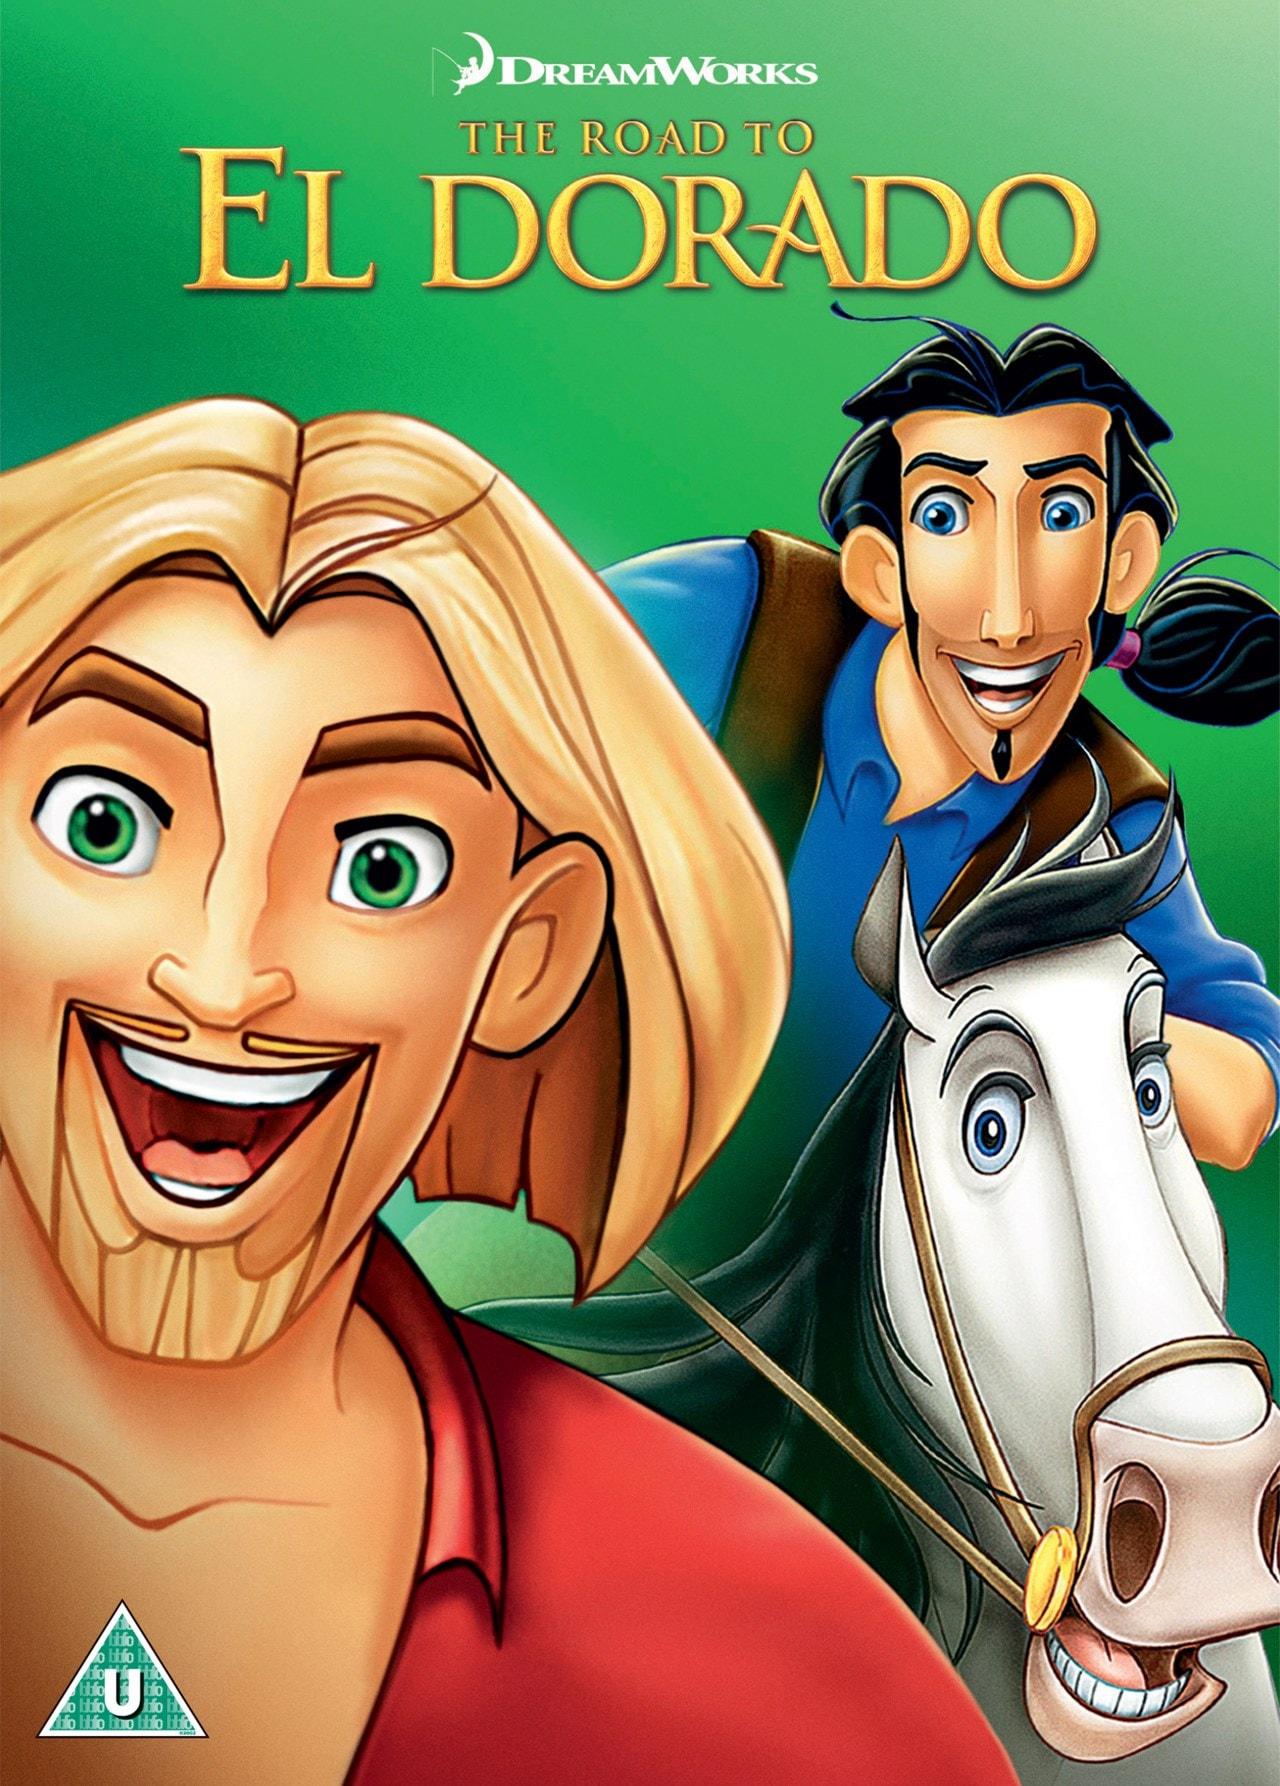 The Road to El Dorado - 1